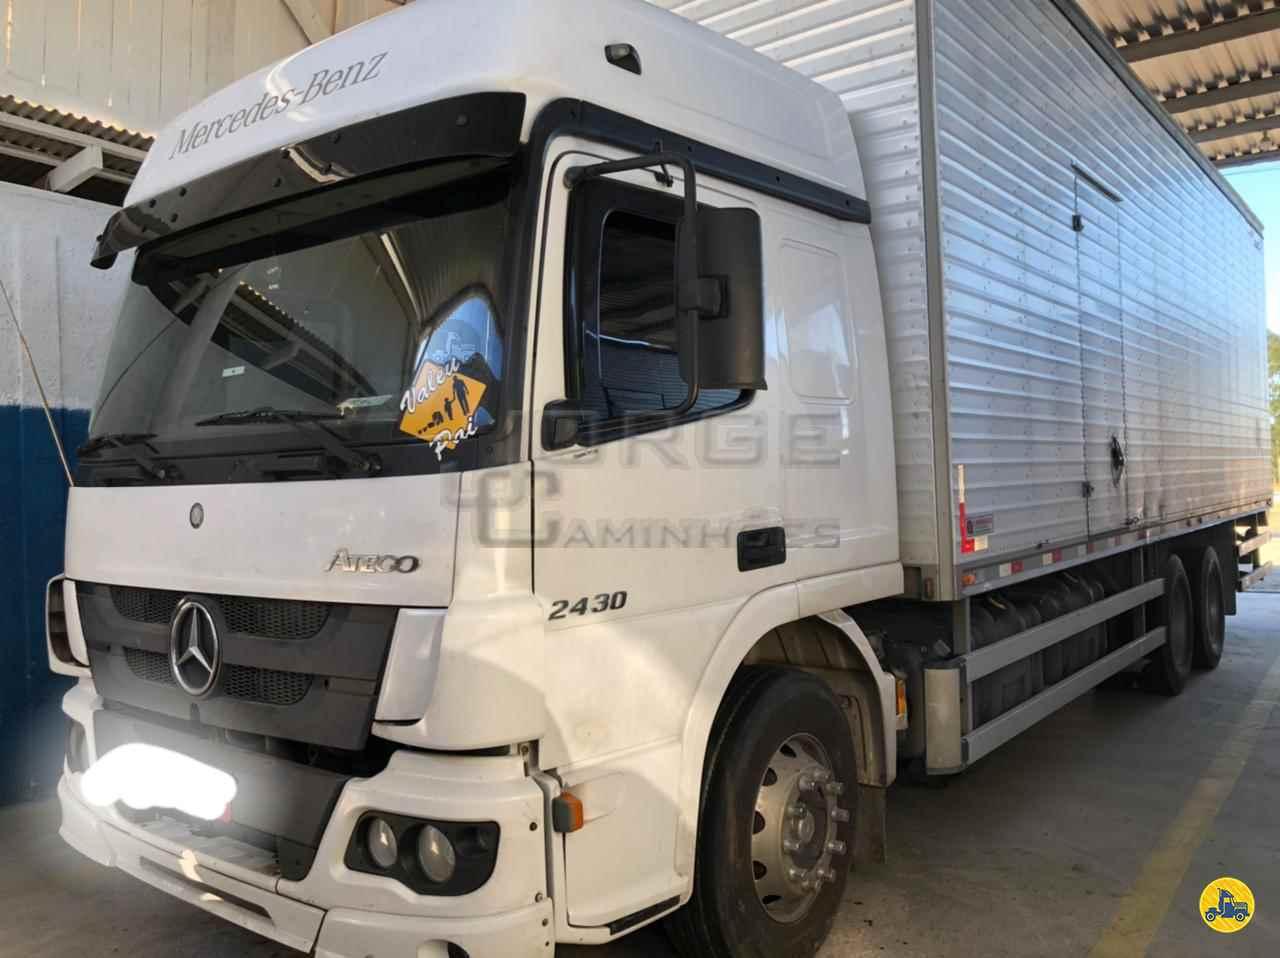 CAMINHAO MERCEDES-BENZ MB 2430 Chassis Truck 6x2 Jorge Caminhões CURITIBA PARANÁ PR